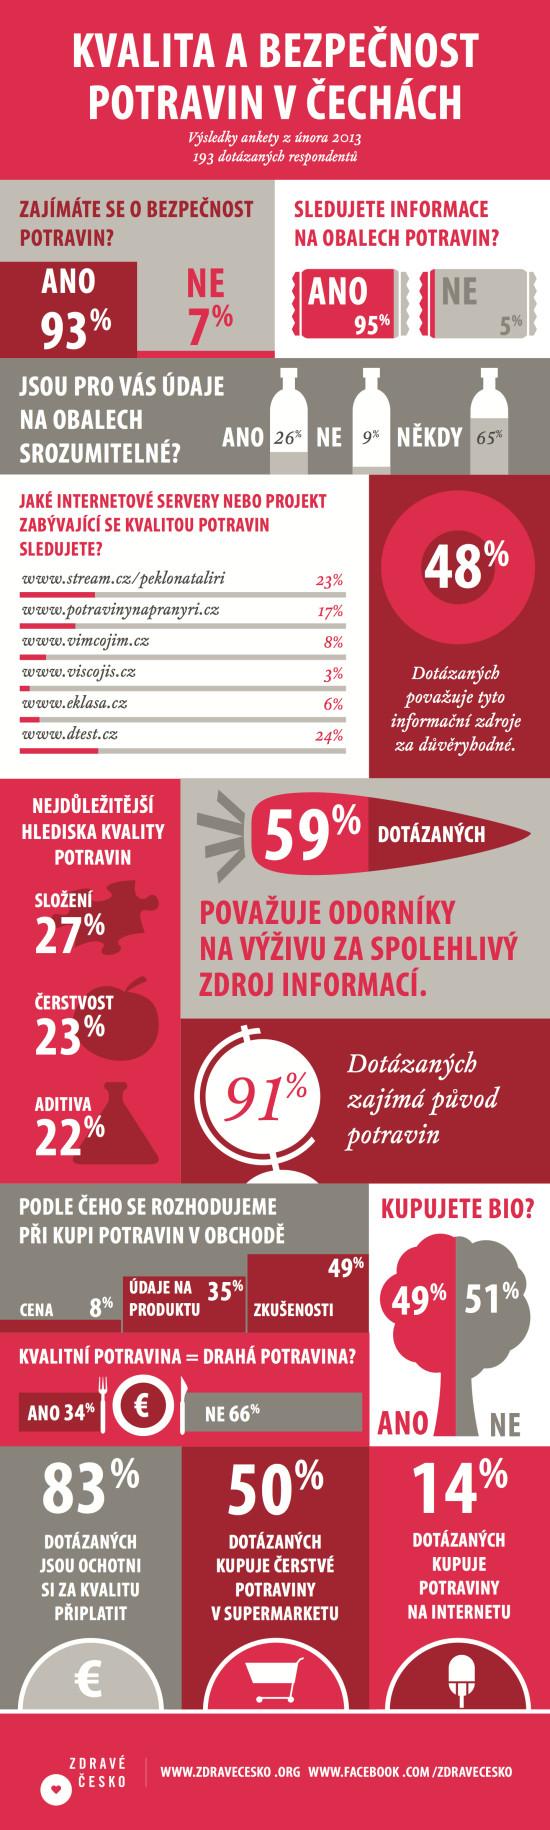 Kvalita a bezpečnost potravin v ČR - infografika